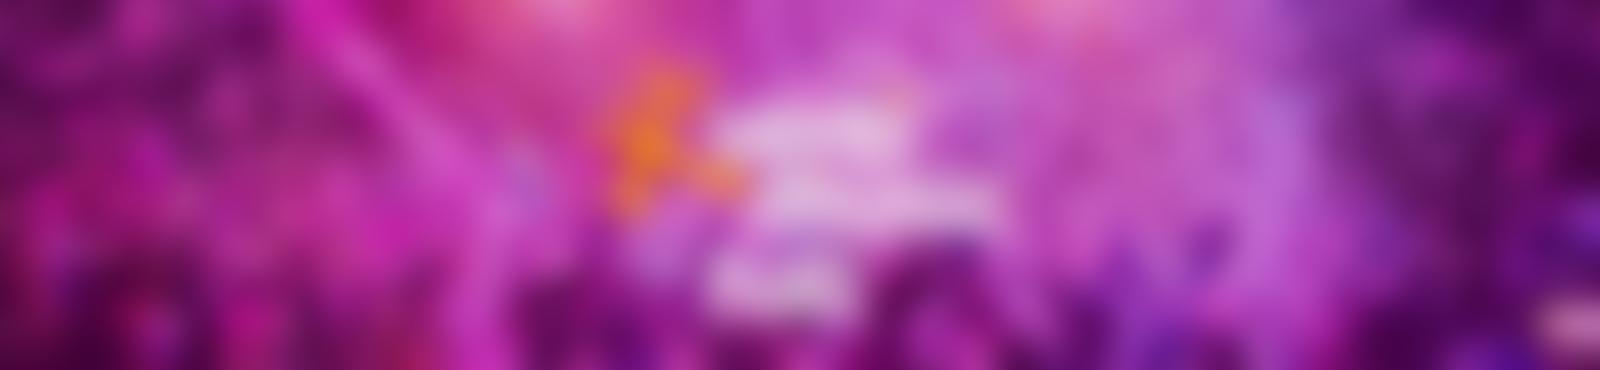 Blurred 3a80161b 0eb8 45ce 8d93 e65d278455cb